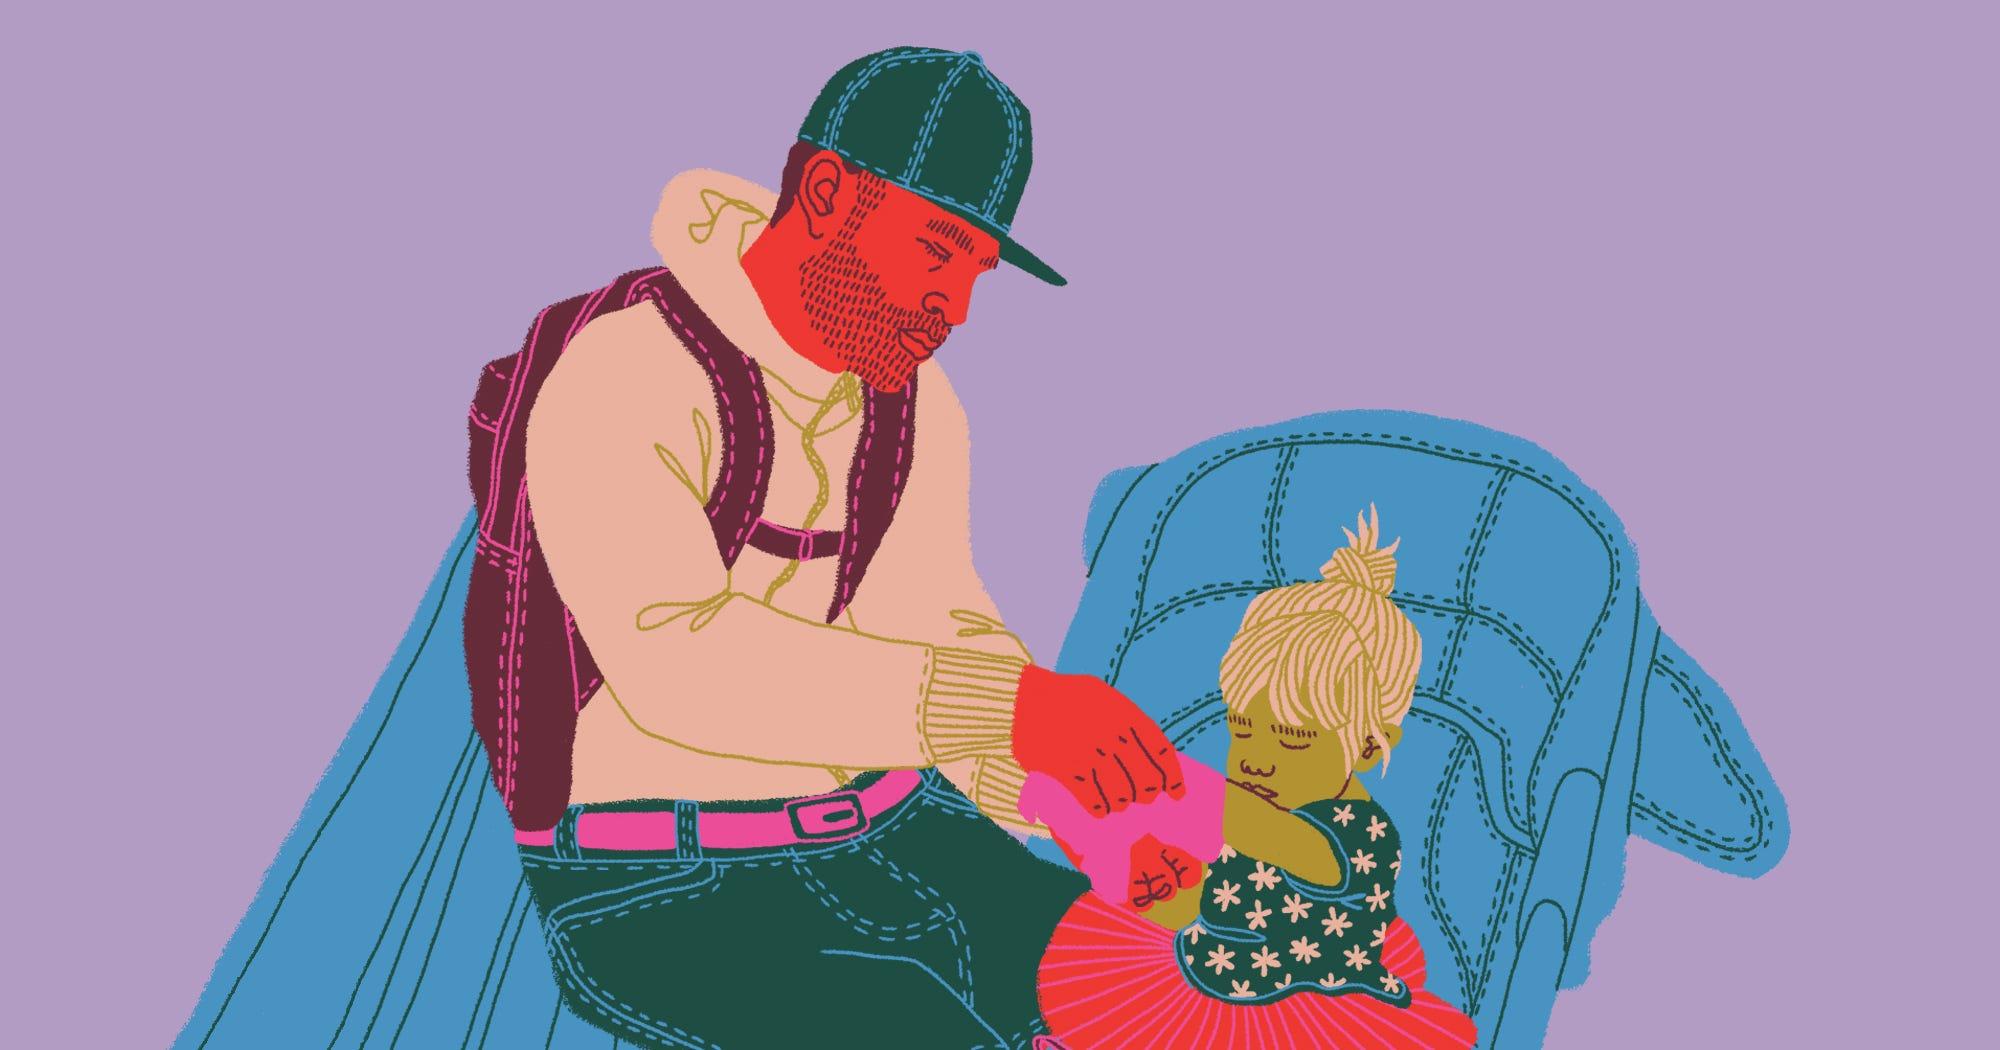 Dads Don't Need Your Momsplaining